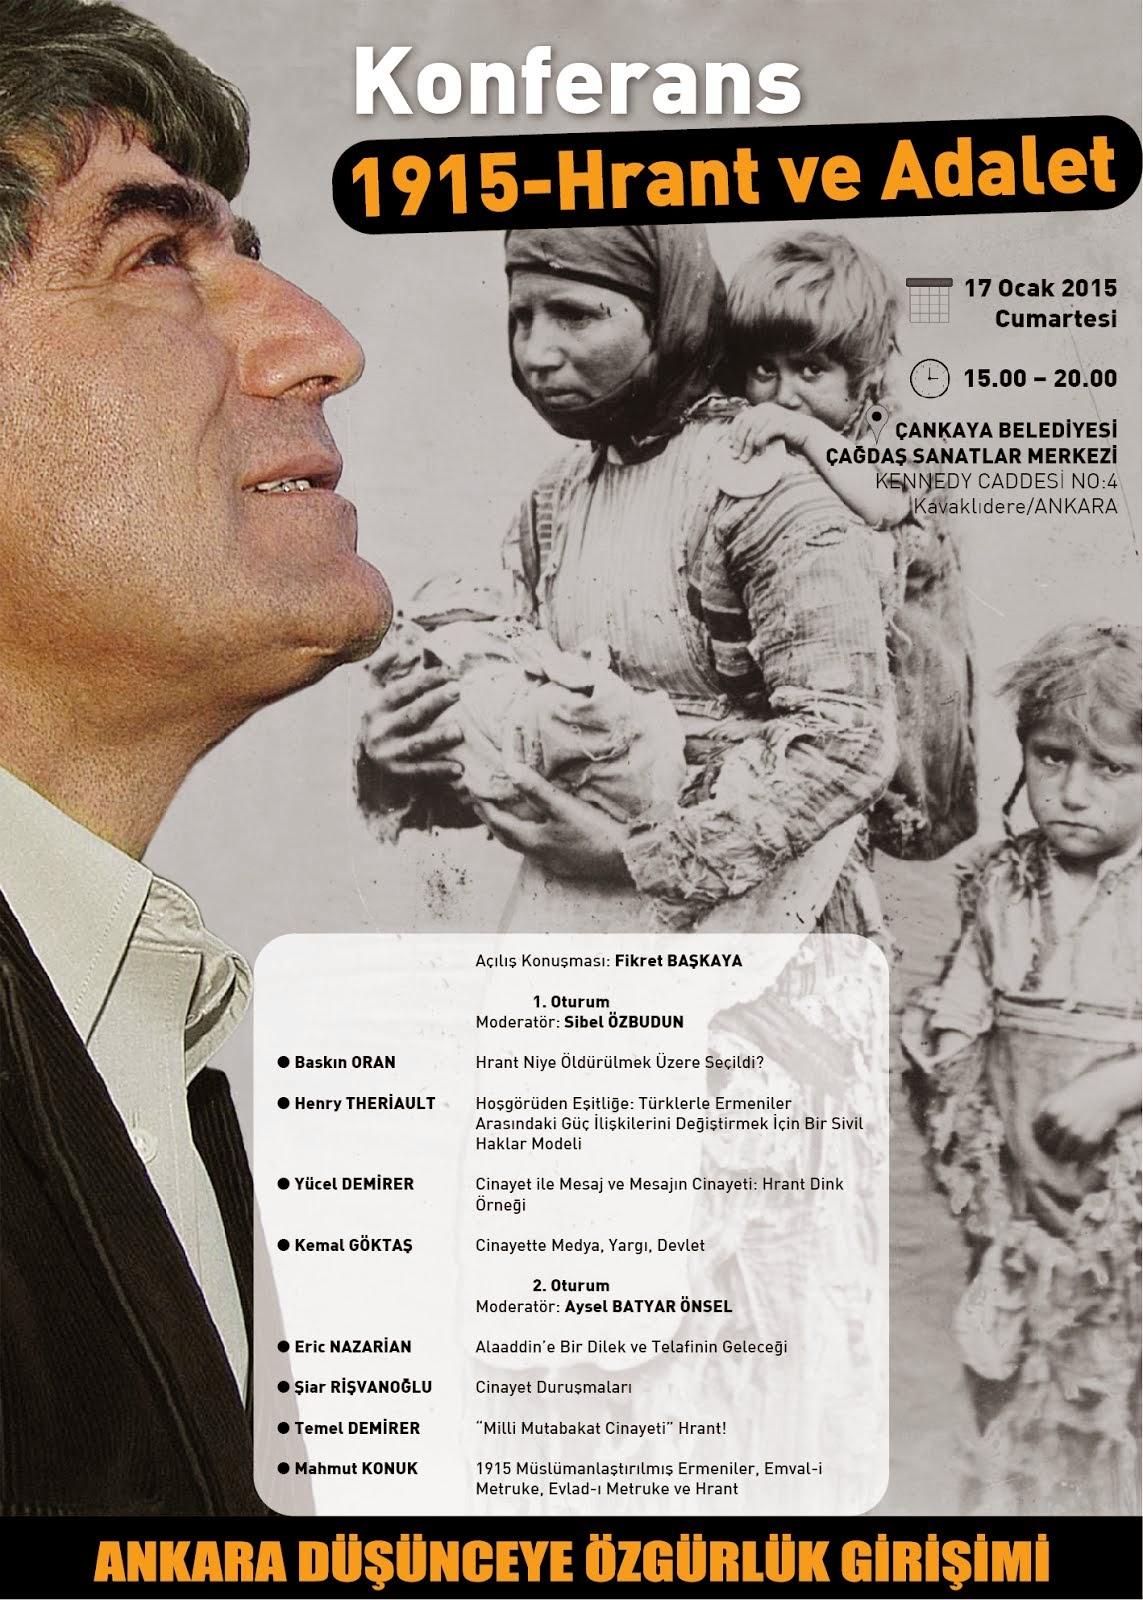 Konferans 1915- Hrant v e Adalet